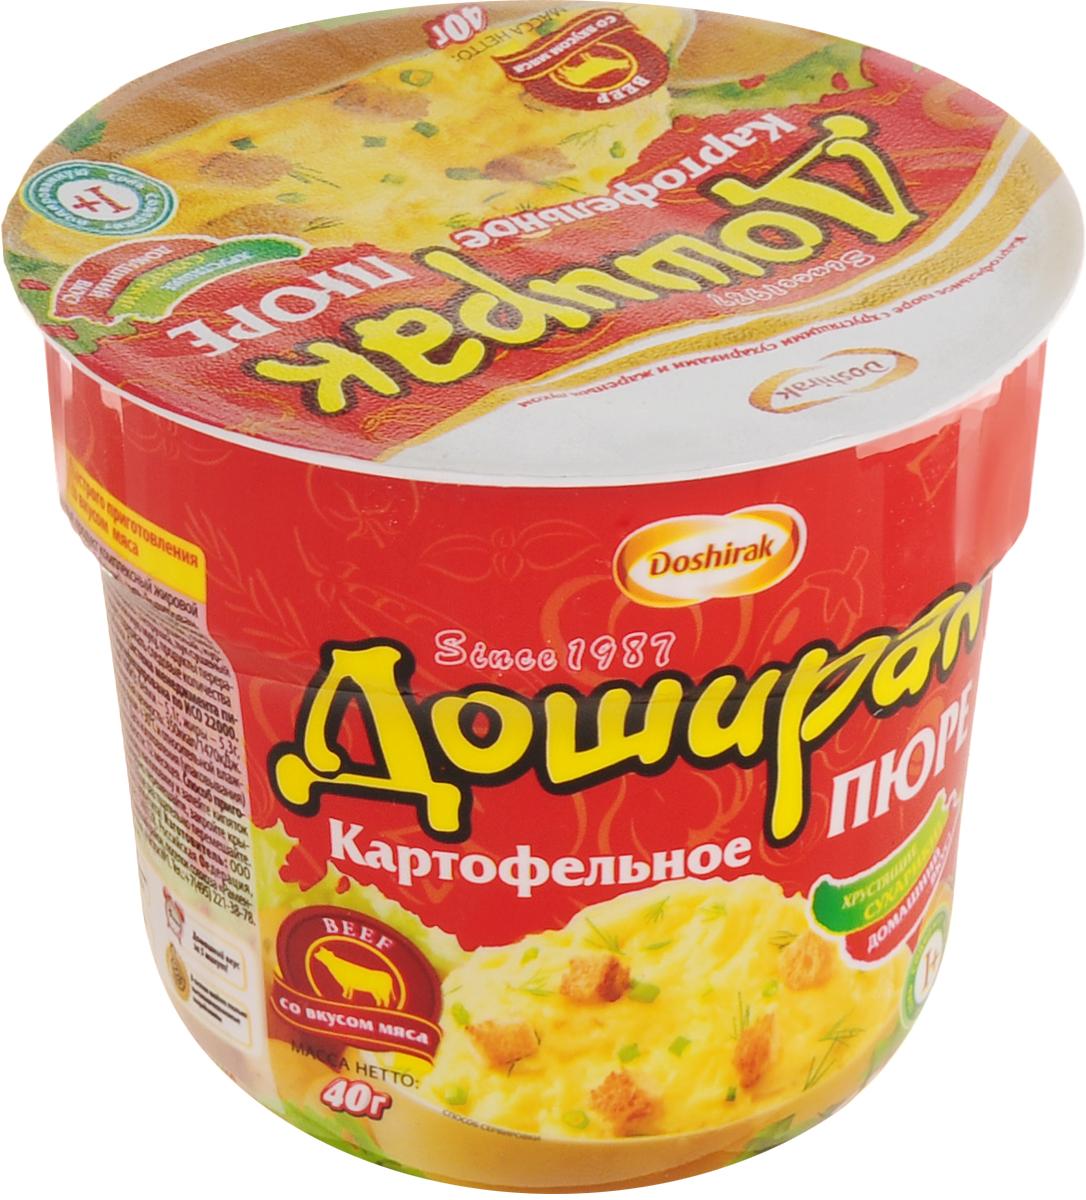 Doshirak пюре картофельное быстрого приготовления со вкусом мяса, в стакане, 40 г